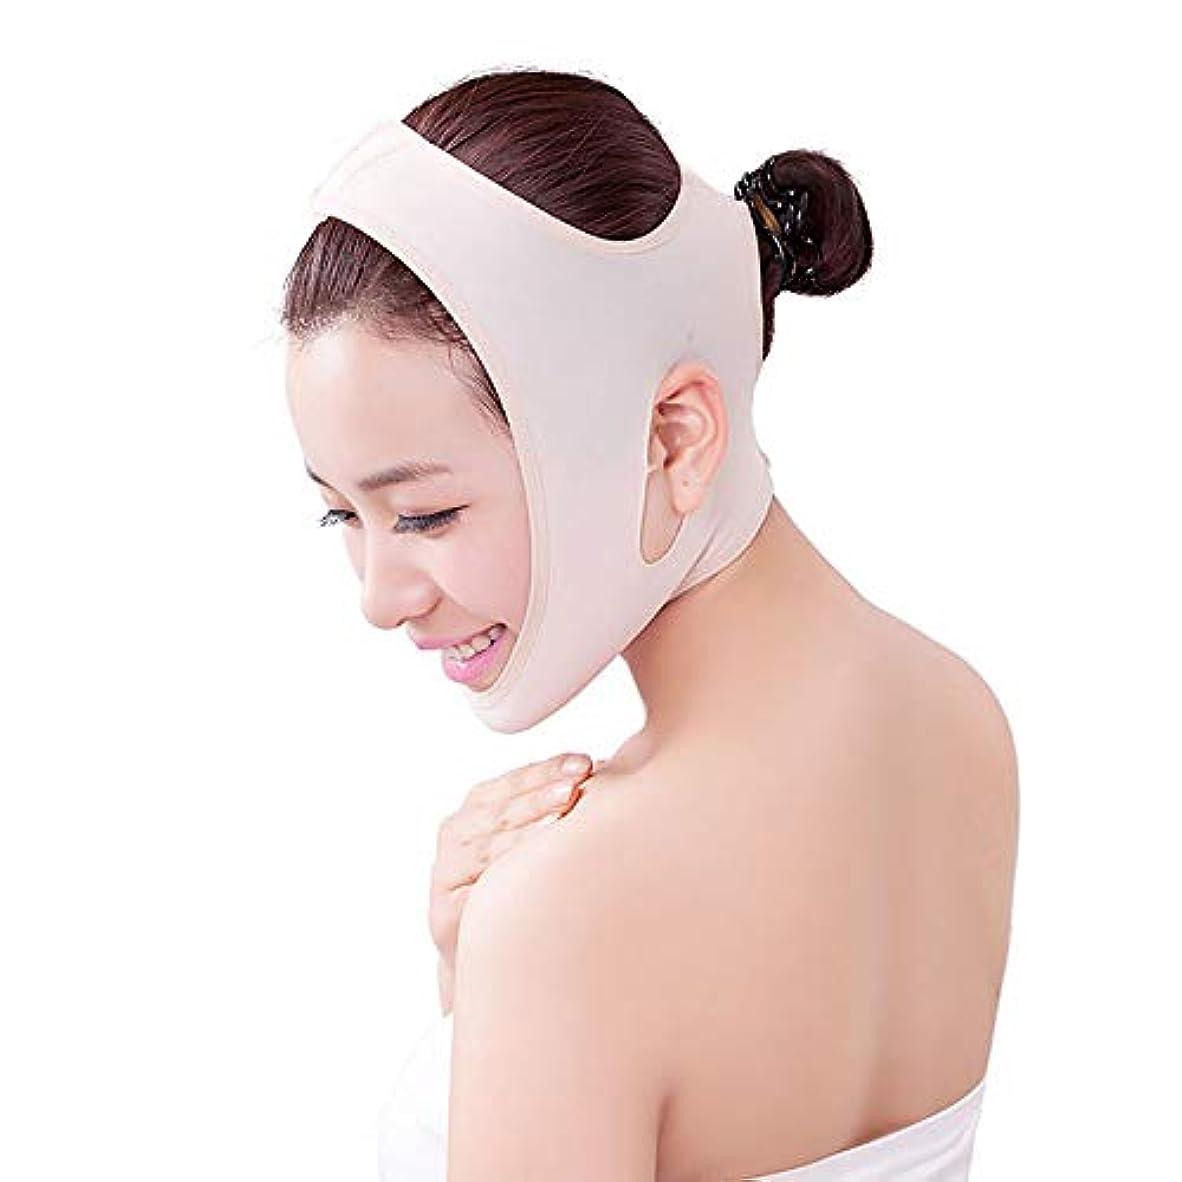 バスケットボールブロー里親フェイスリフティング包帯、ダブルチンリフト、法律、男性用および女性用マスクへの固着、vフェイスマスク,XL